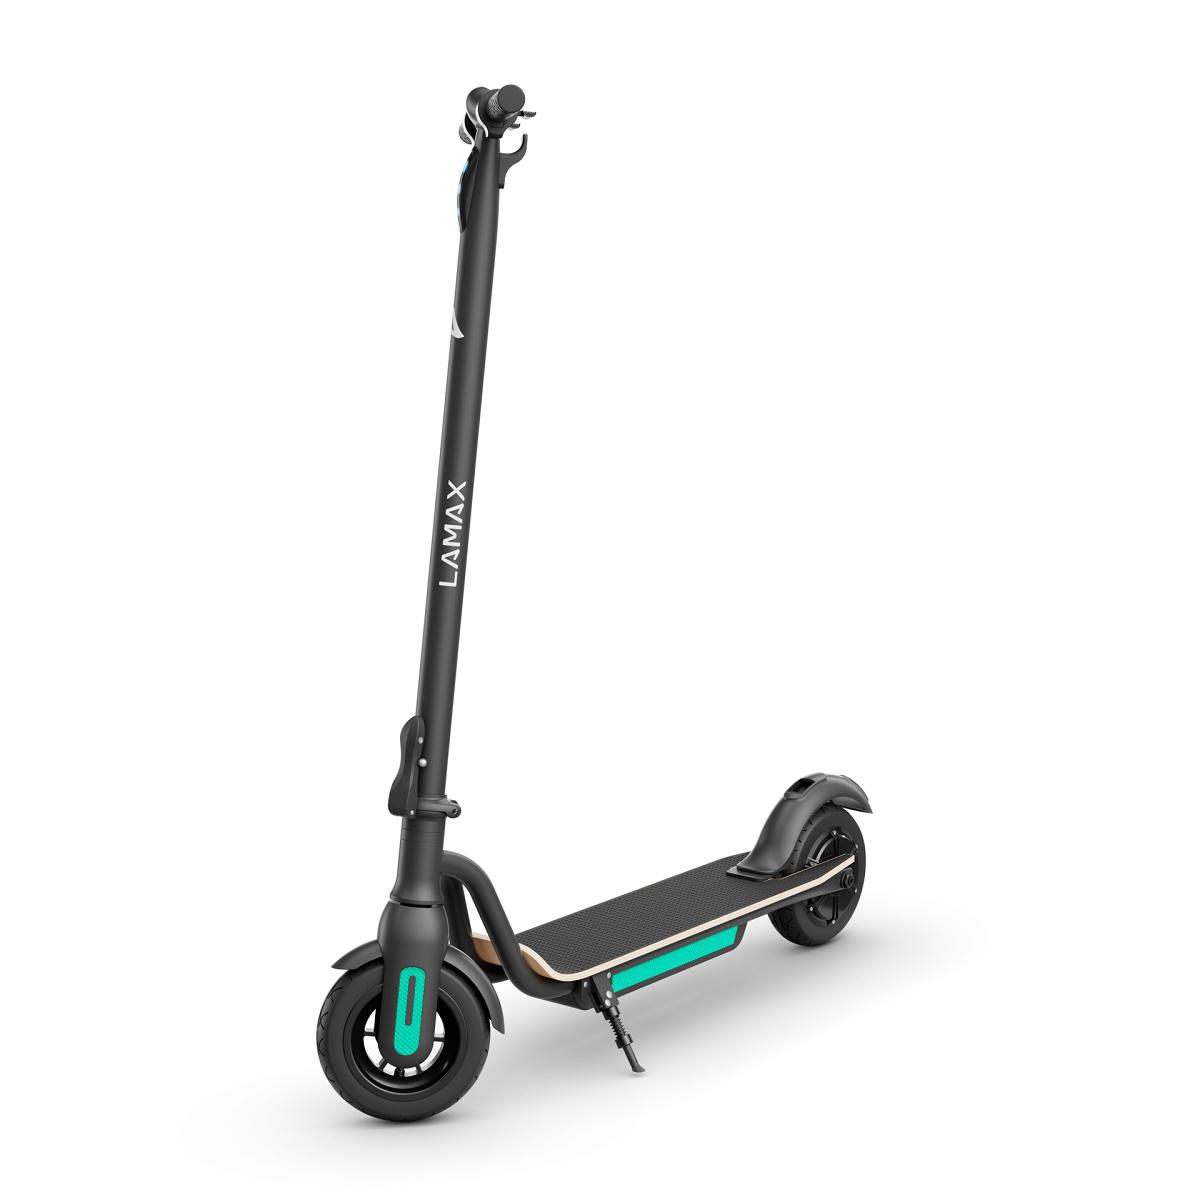 LAMAX E-scooter S7500 - Ujeď zácpám a bav se